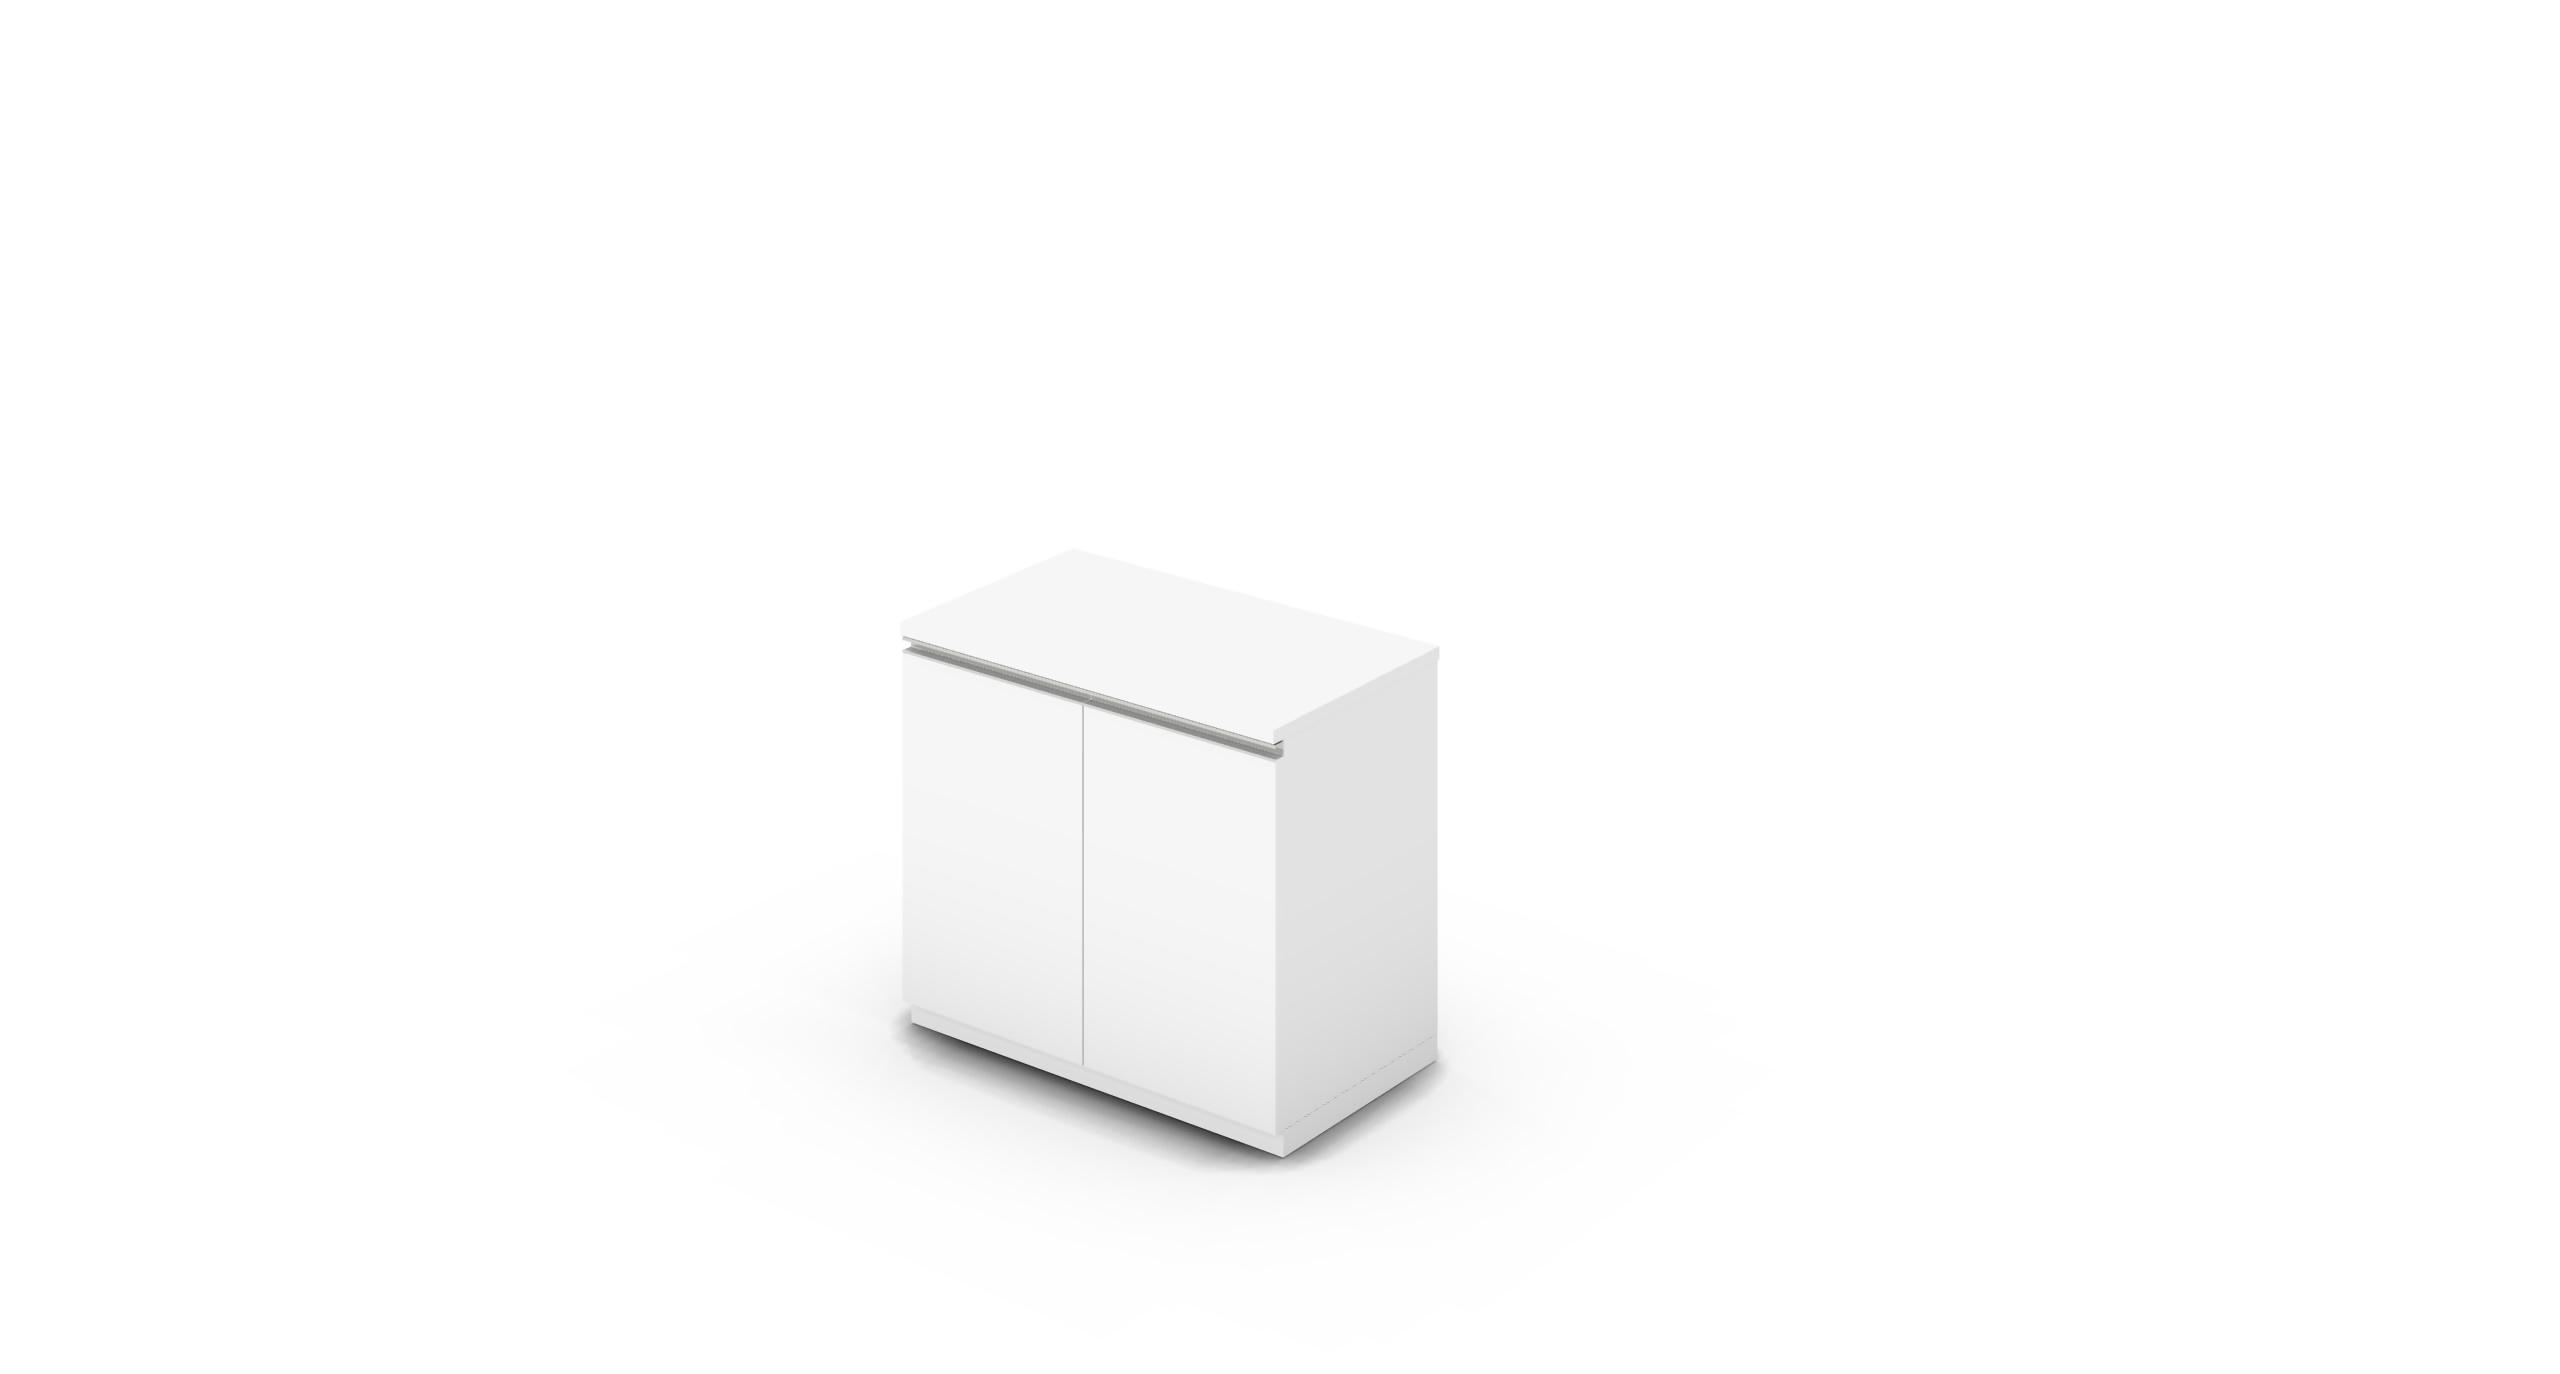 Cabinet_800x450x775_HD_White_Rail_NoCylinder